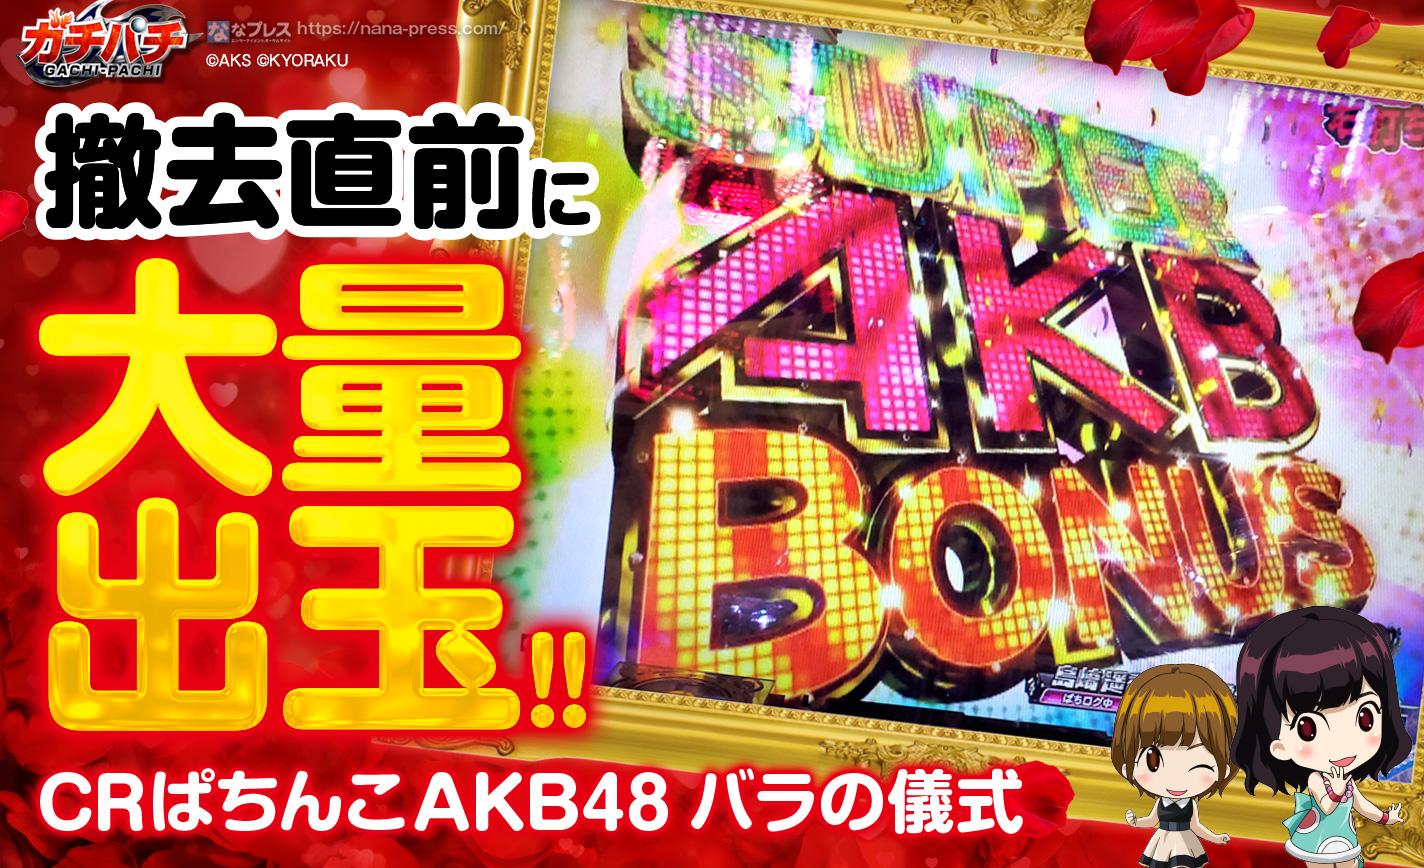 【CRぱちんこAKB48 バラの儀式】撤去直前に大量出玉!15R2000発の威力を堪能! eyecatch-image